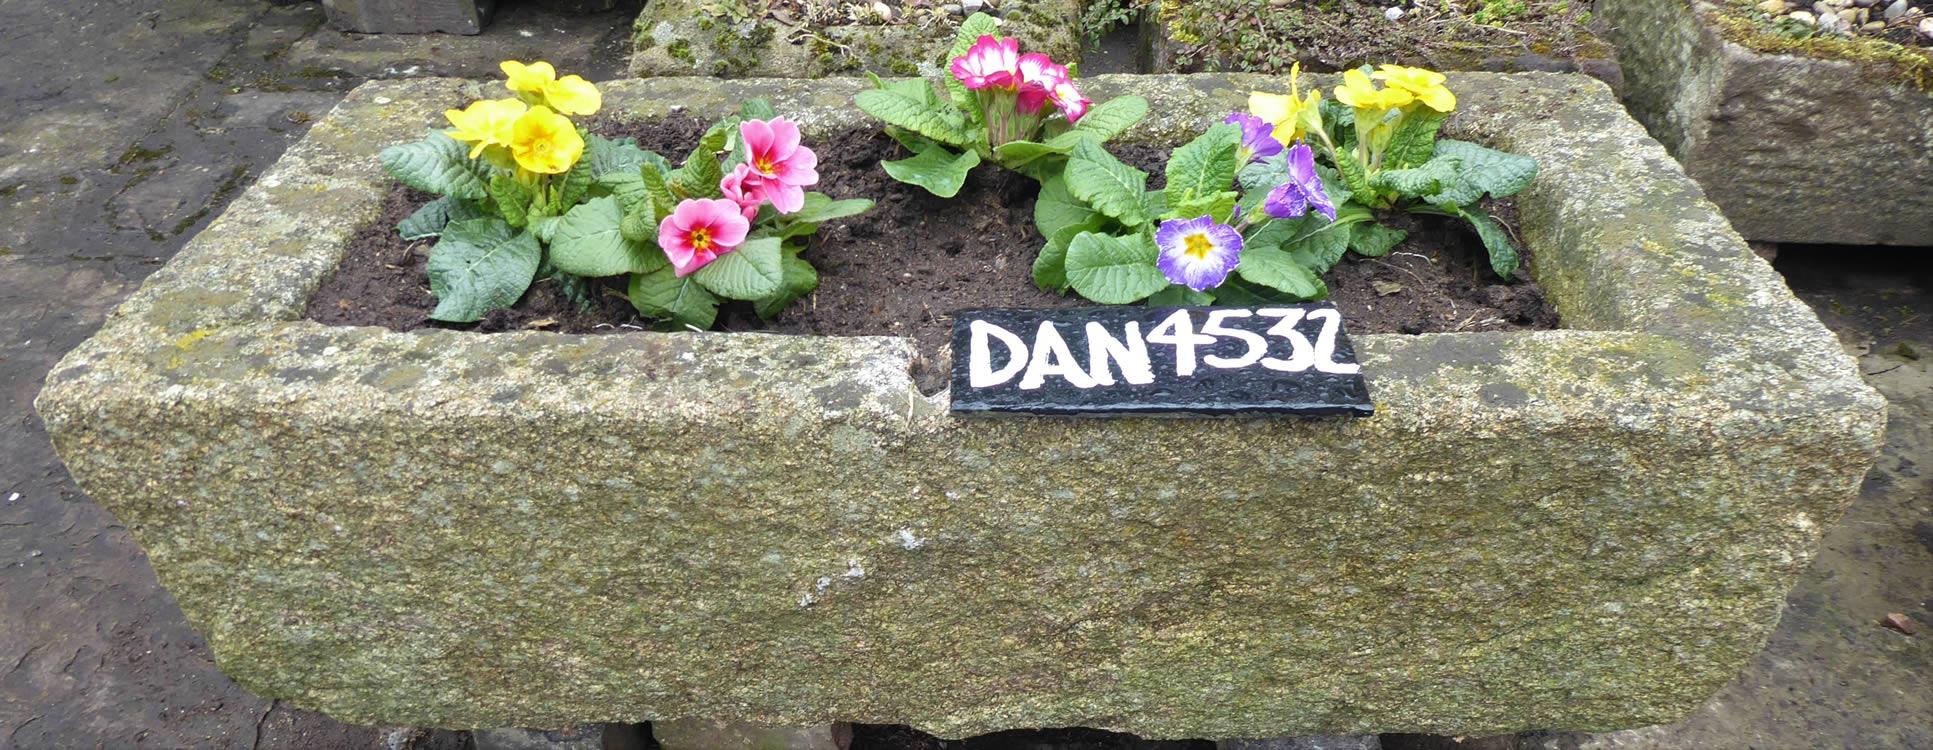 DAN 4532